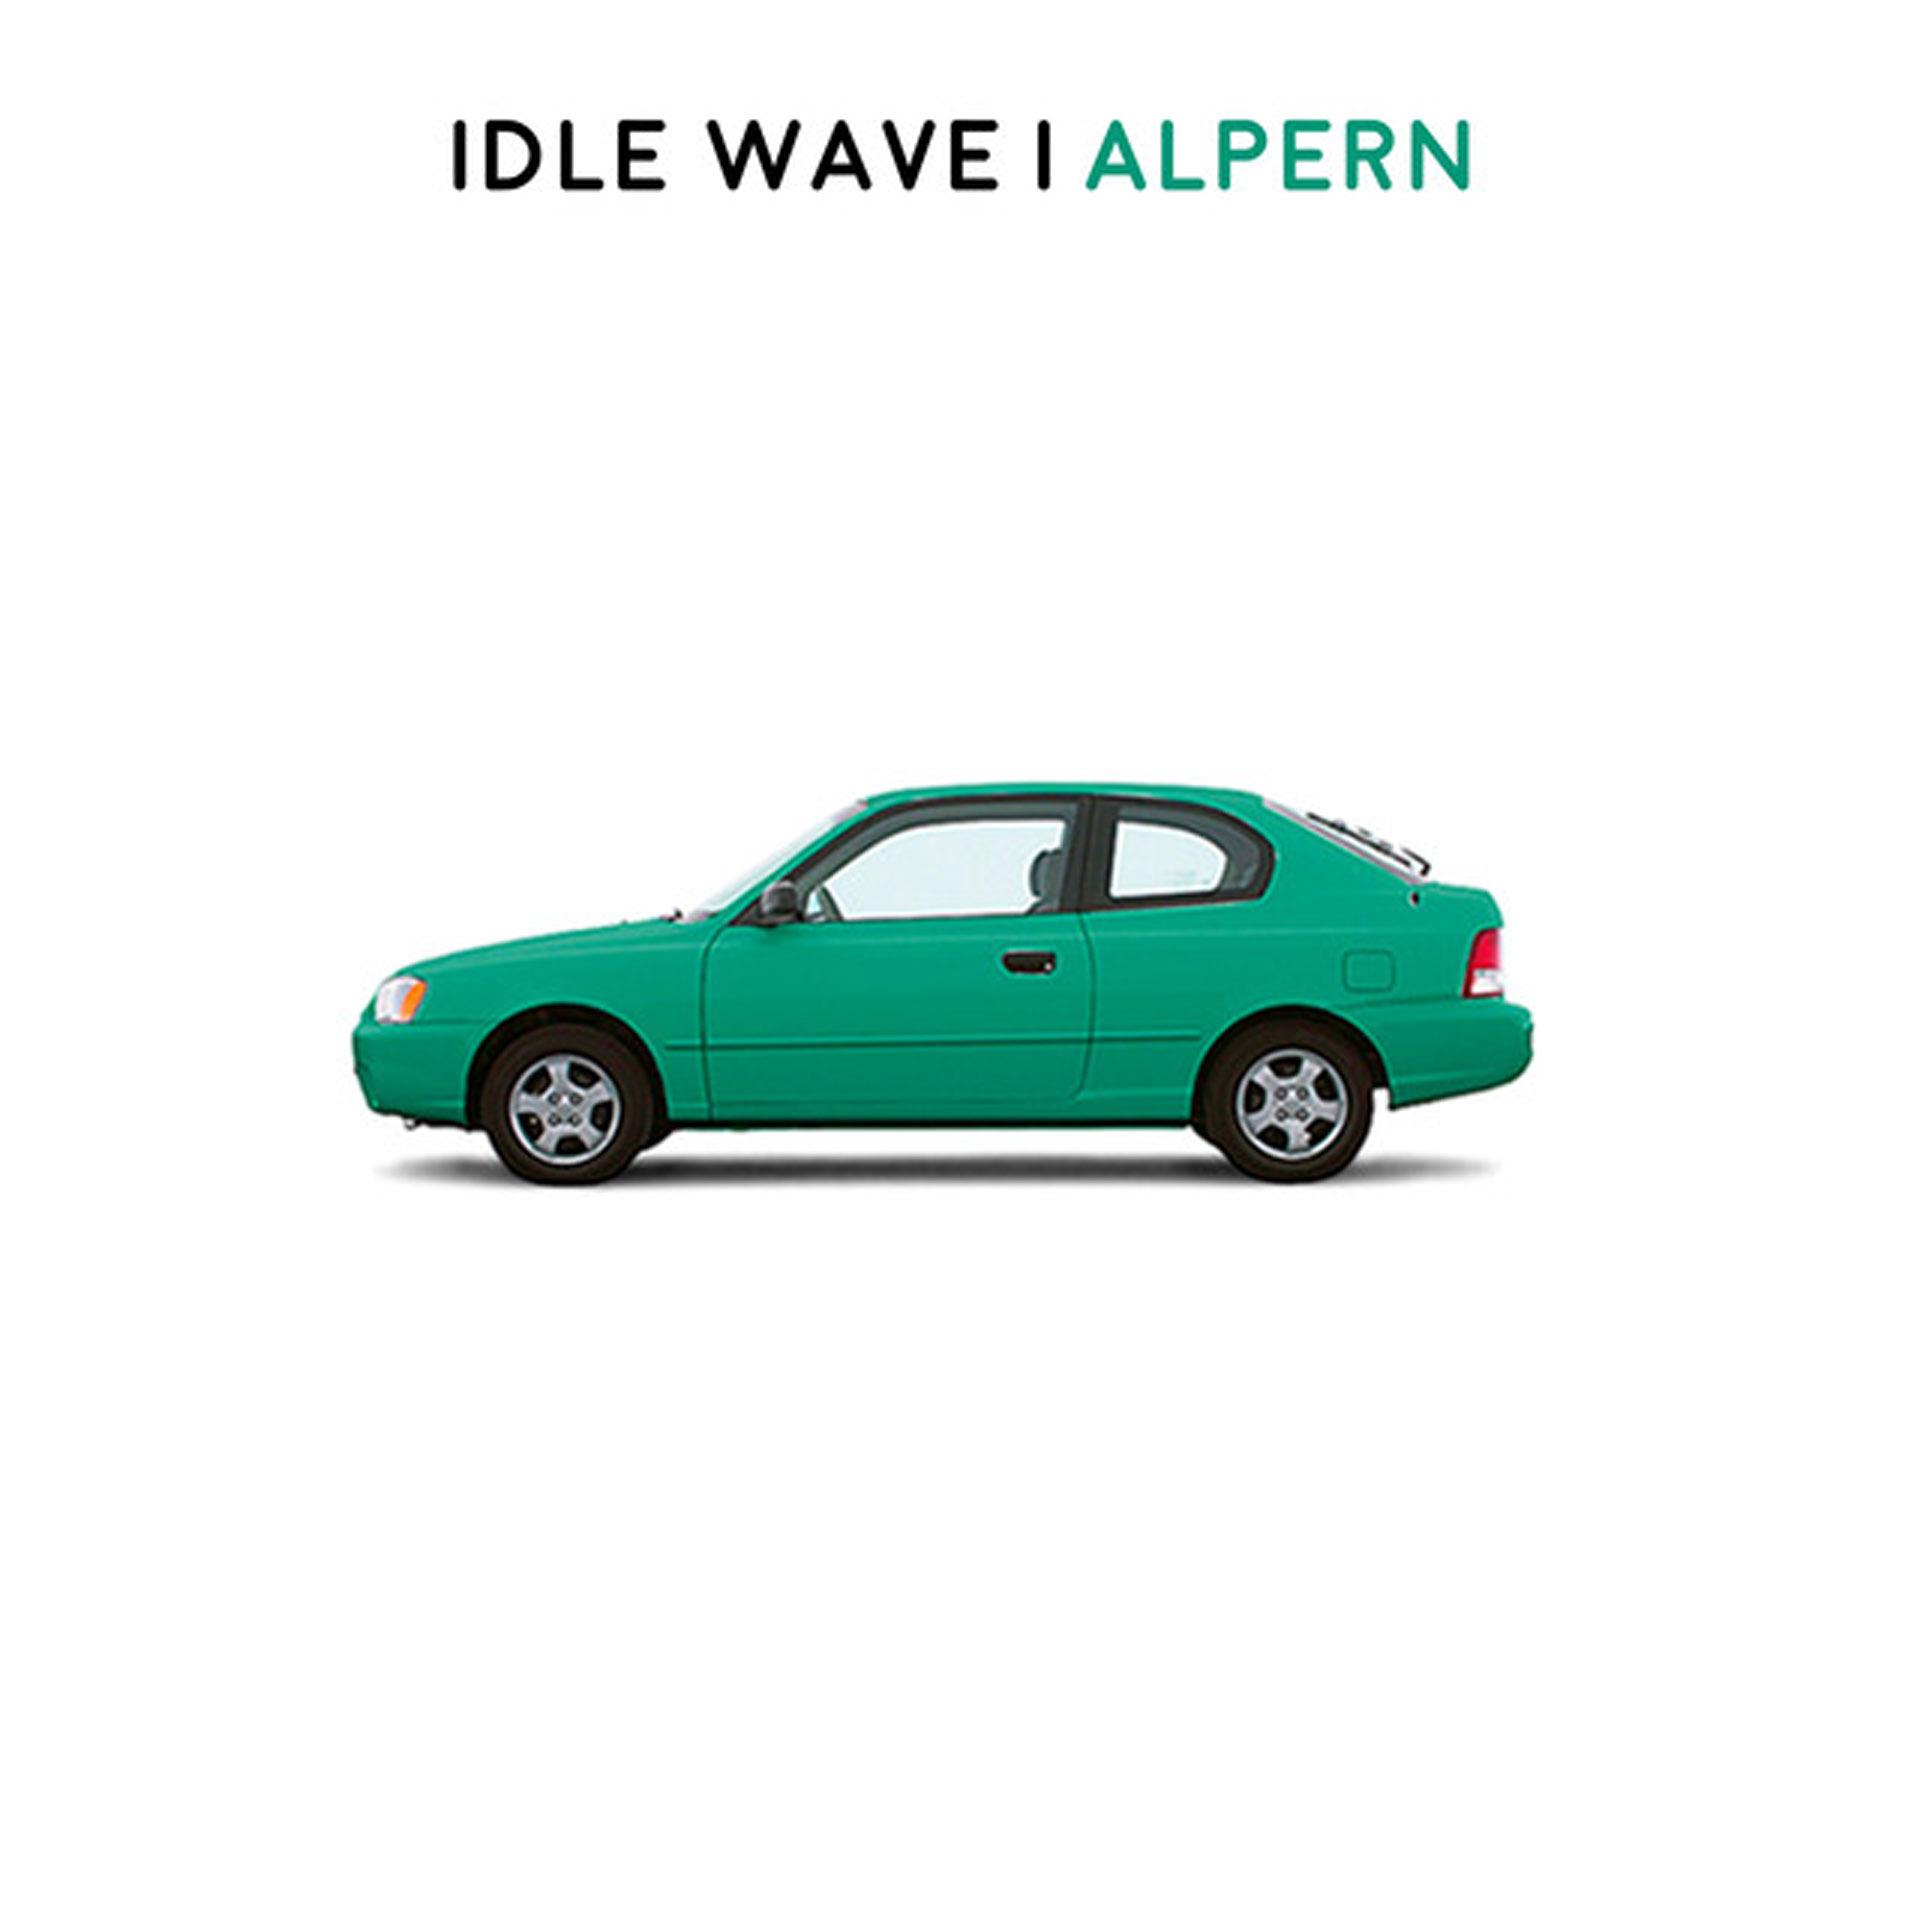 Idle Wave Alpern cover.jpeg